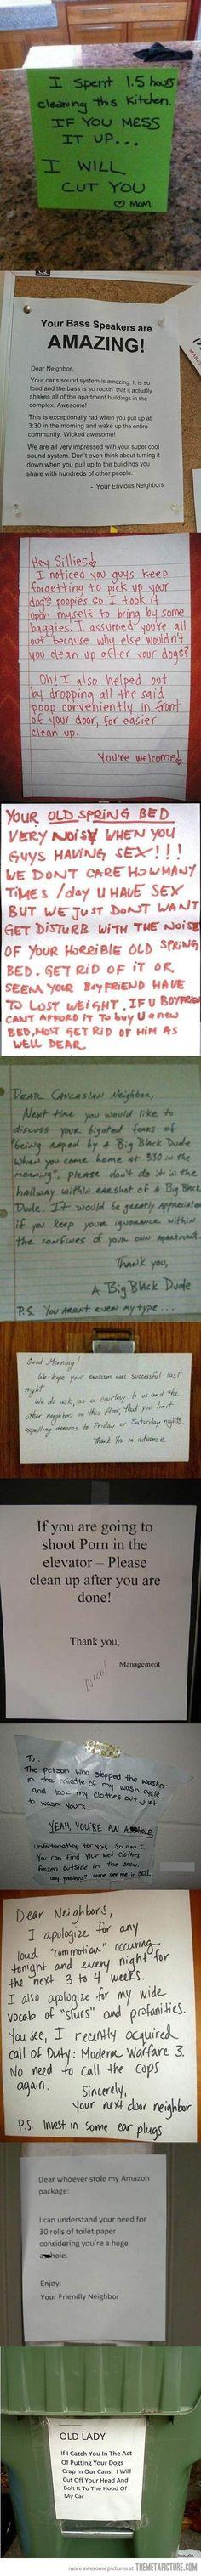 Passive aggressive notes